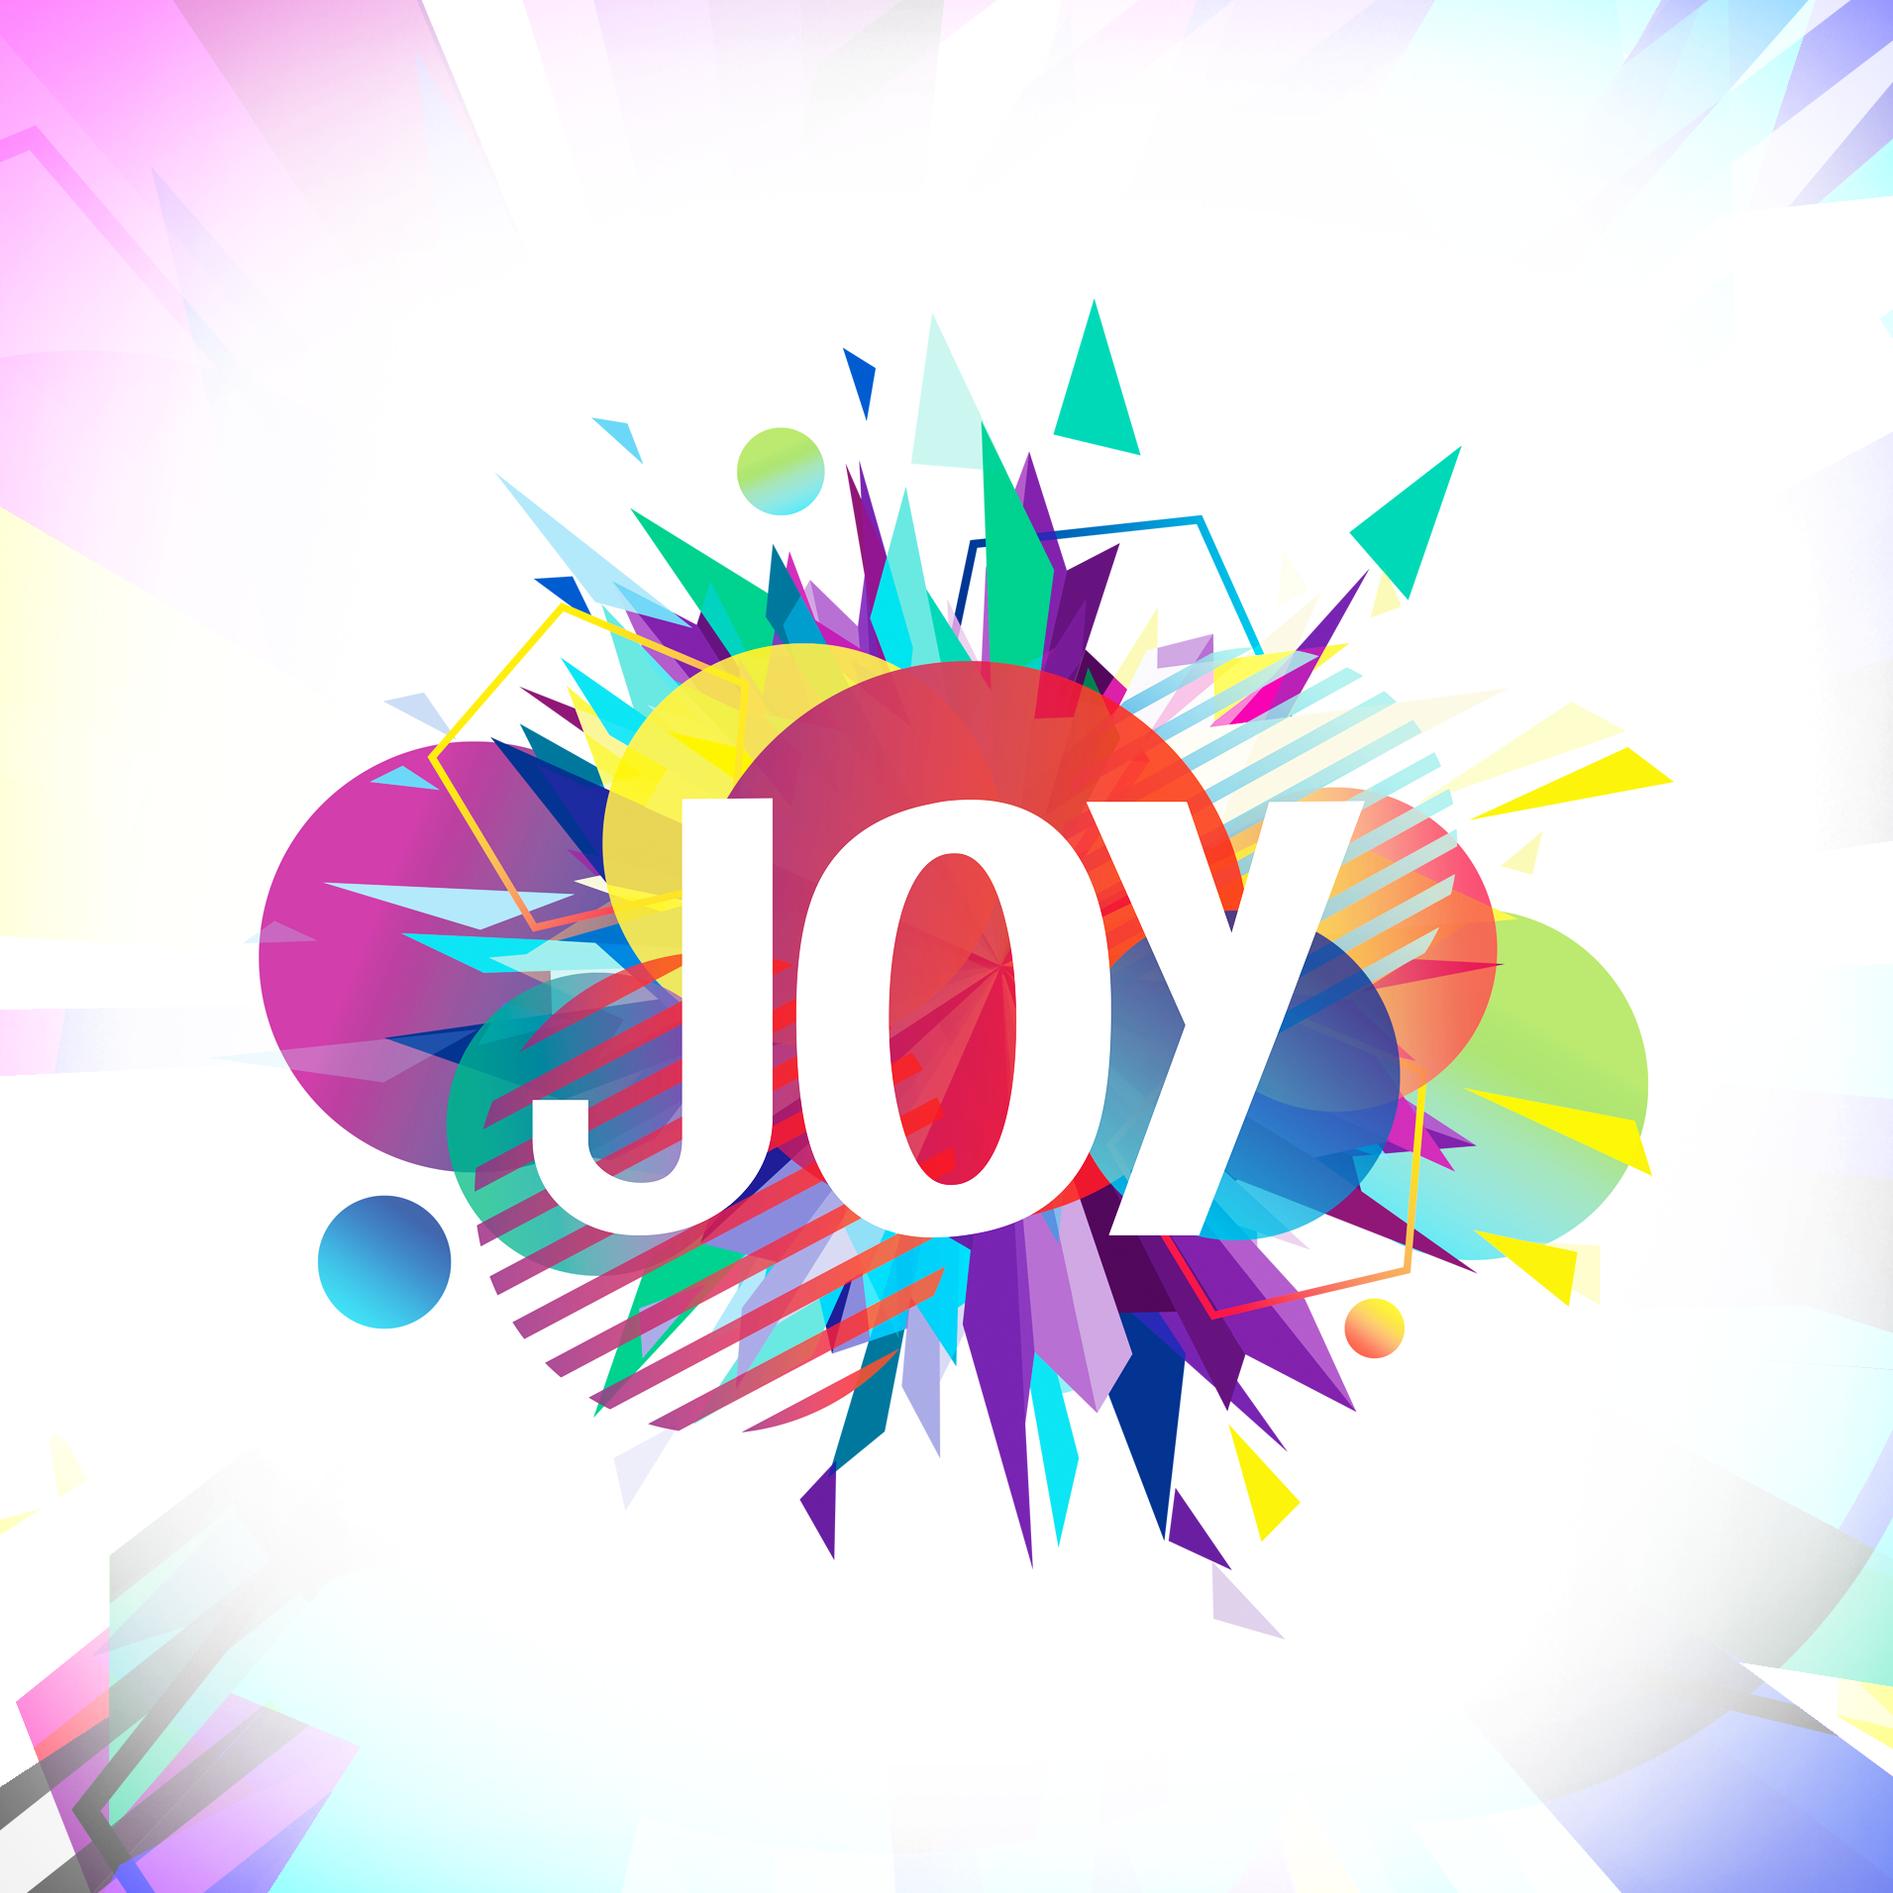 Wallpaper_iPad_JOY.png